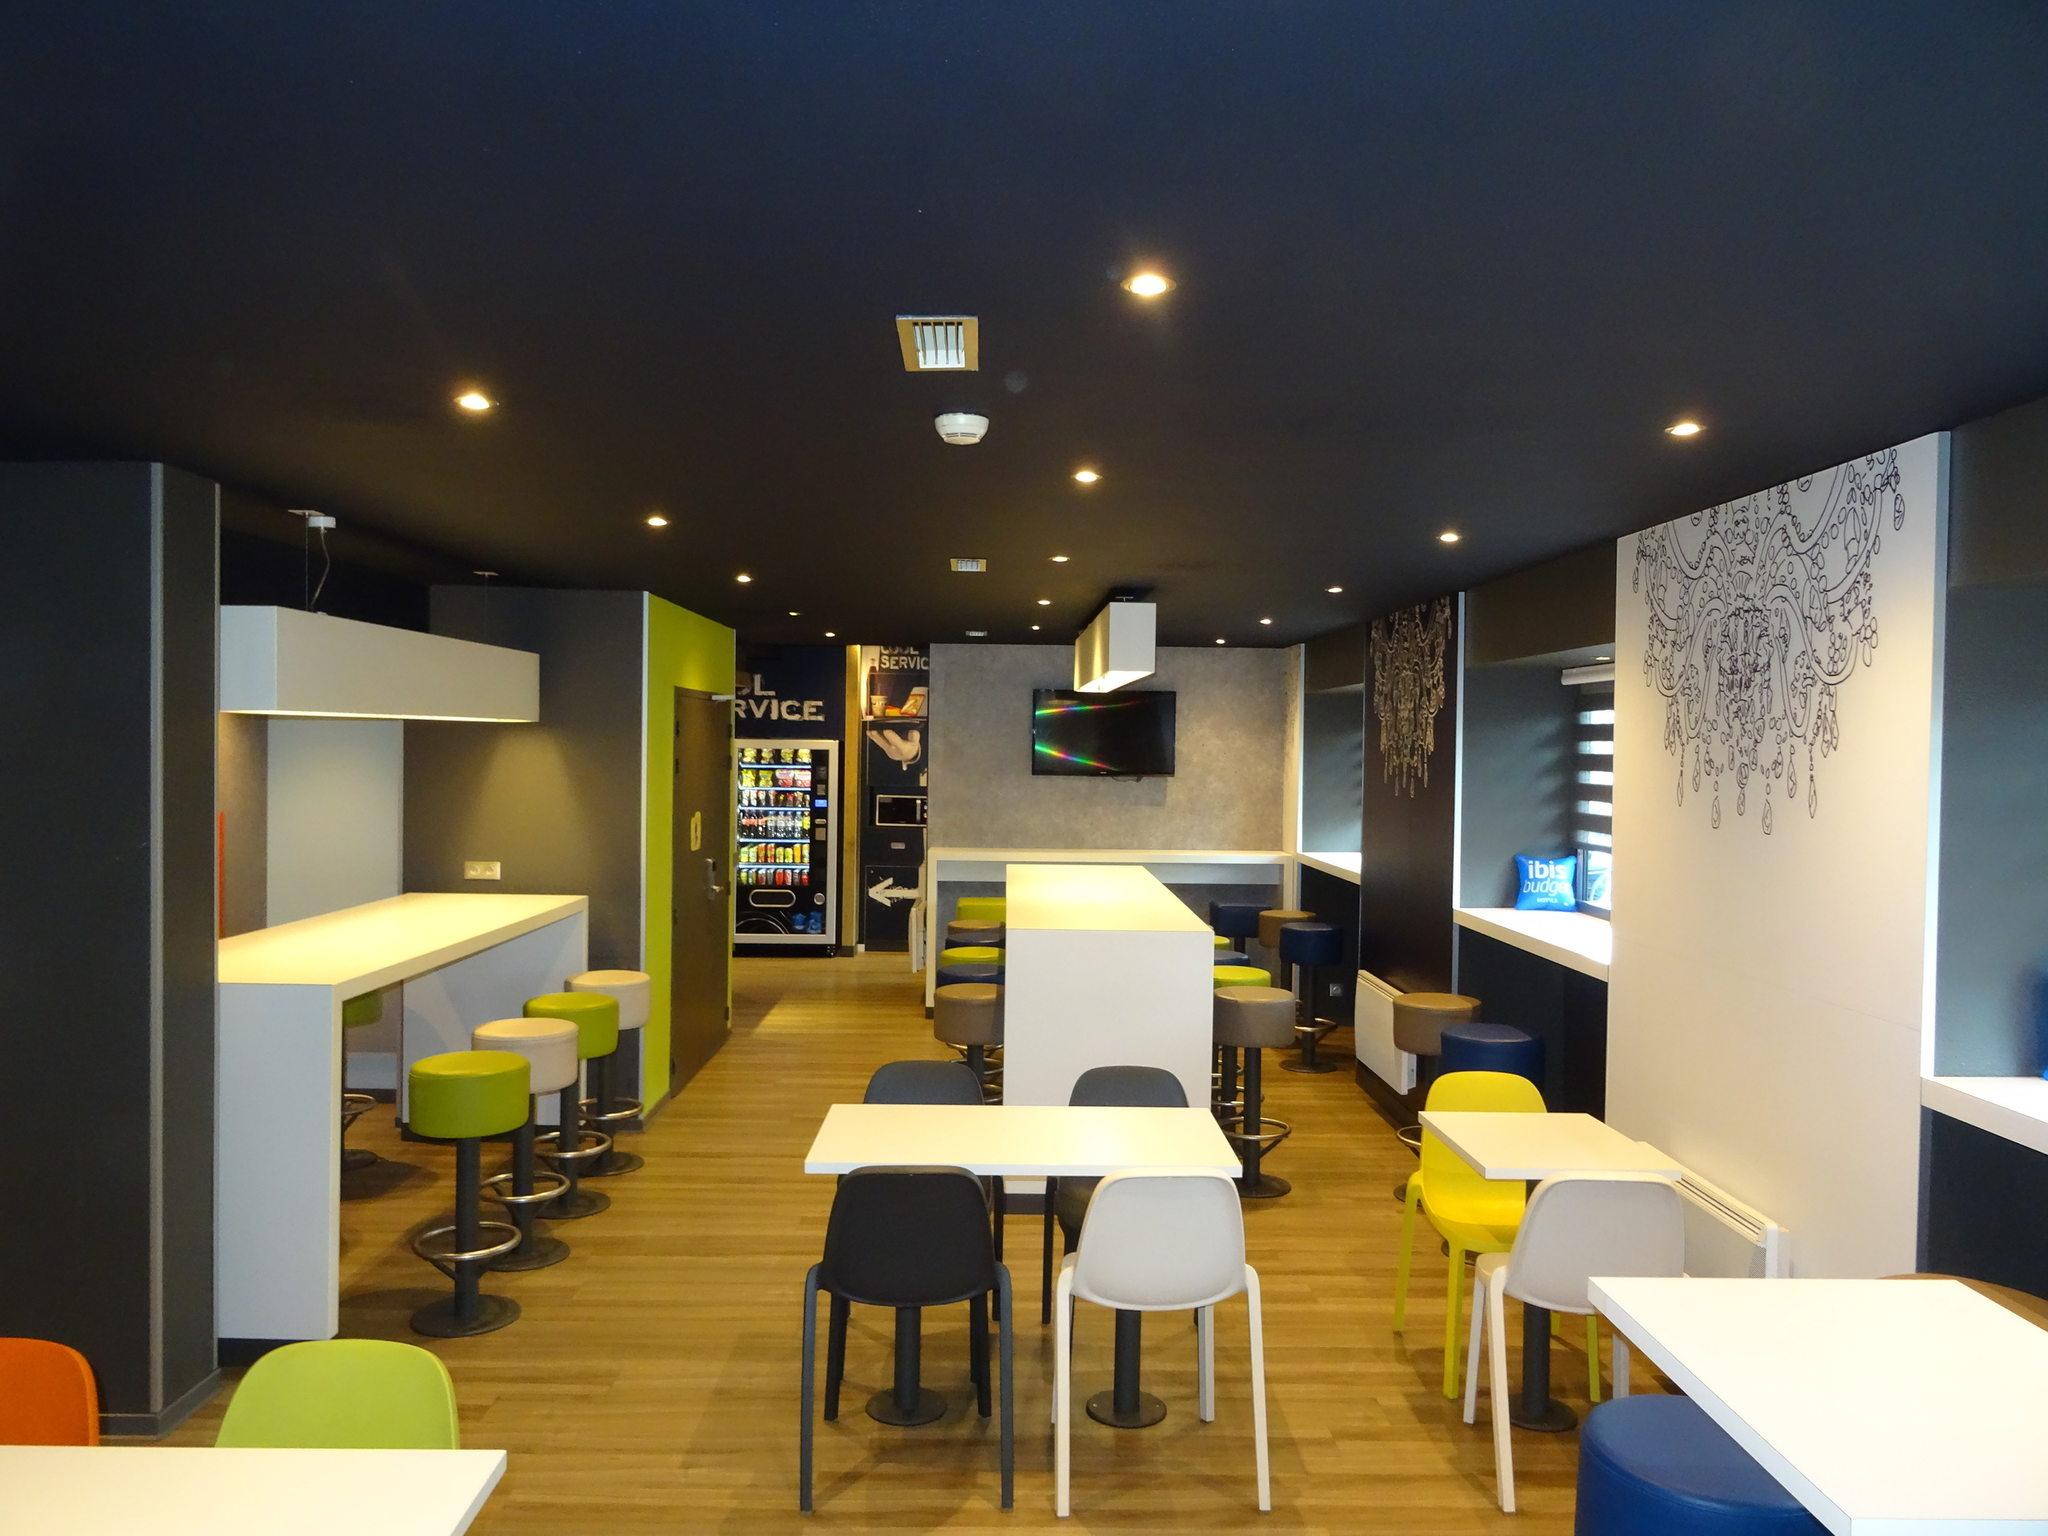 Hotel – ibis budget Caen Centre Gare